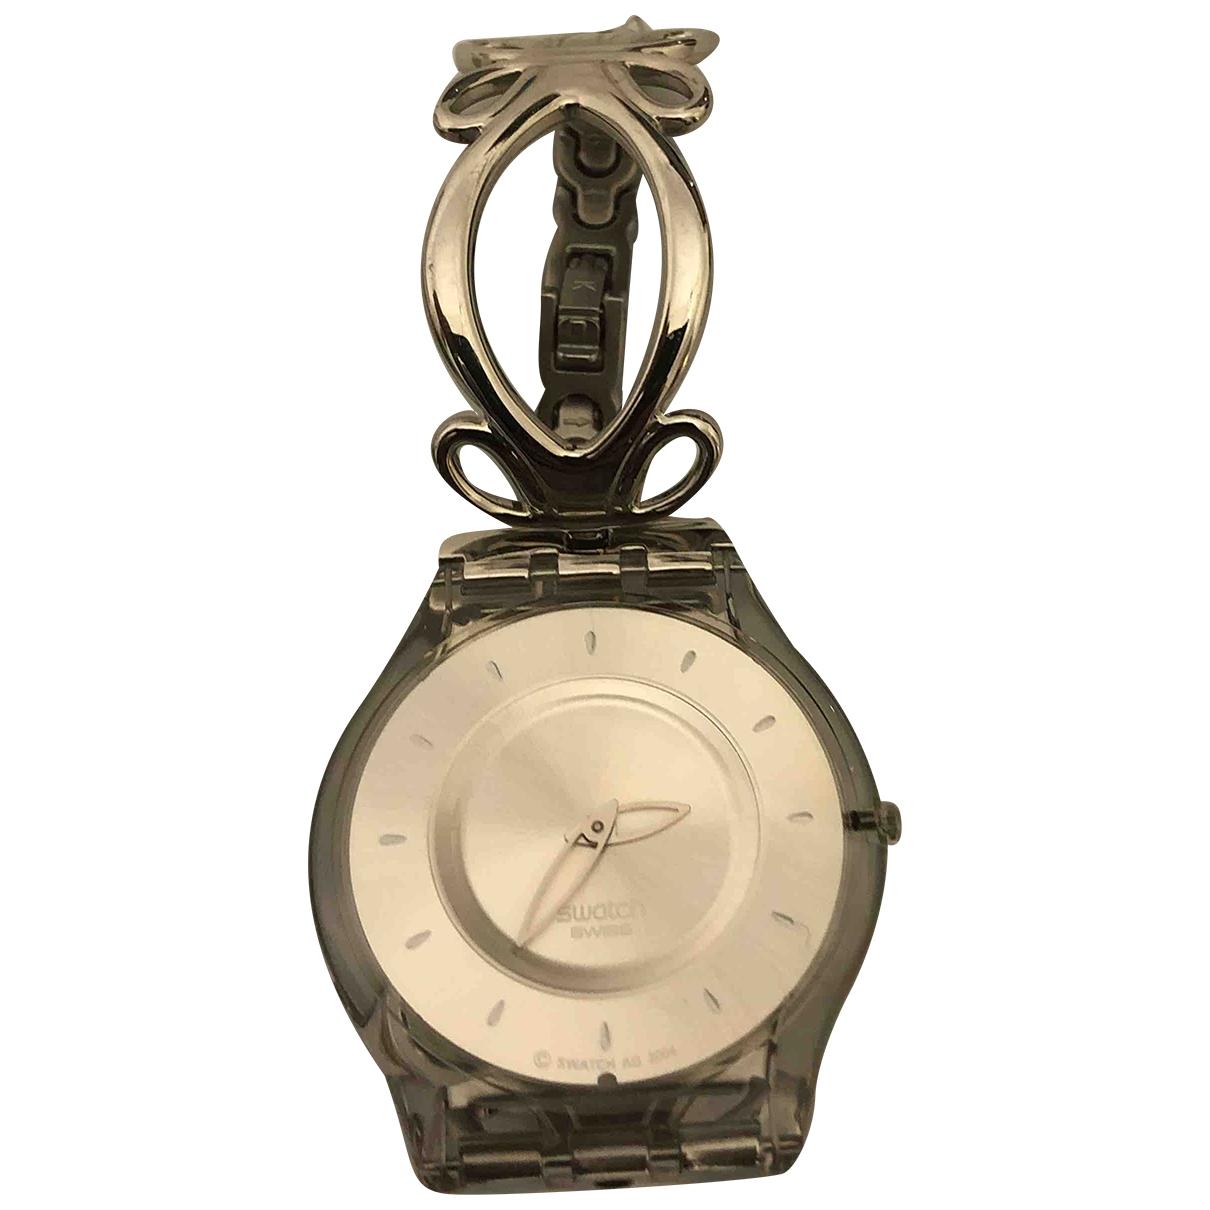 Swatch \N Uhr in  Silber Stahl